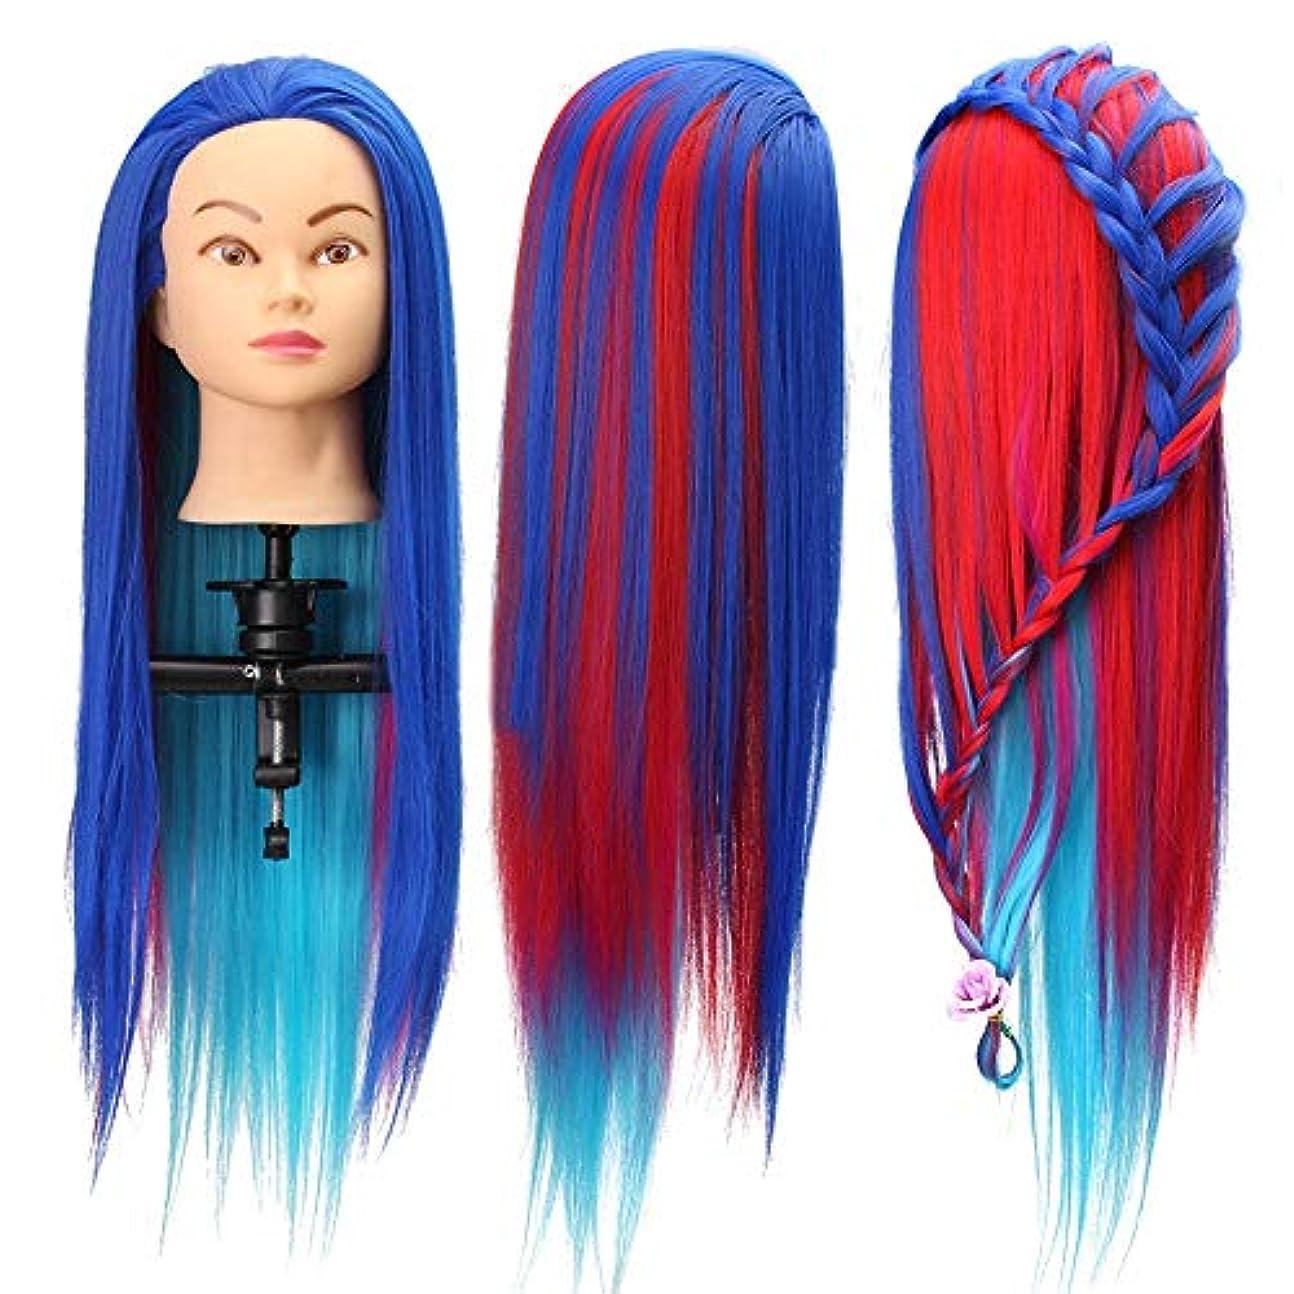 ターゲット検出可能お誕生日マネキンヘッド 8色のサロン理髪編み練習マネキンの髪トレーニング頭部モデル 練習用 グマネキンヘッド (色 : C3, サイズ : App 60~65cm)